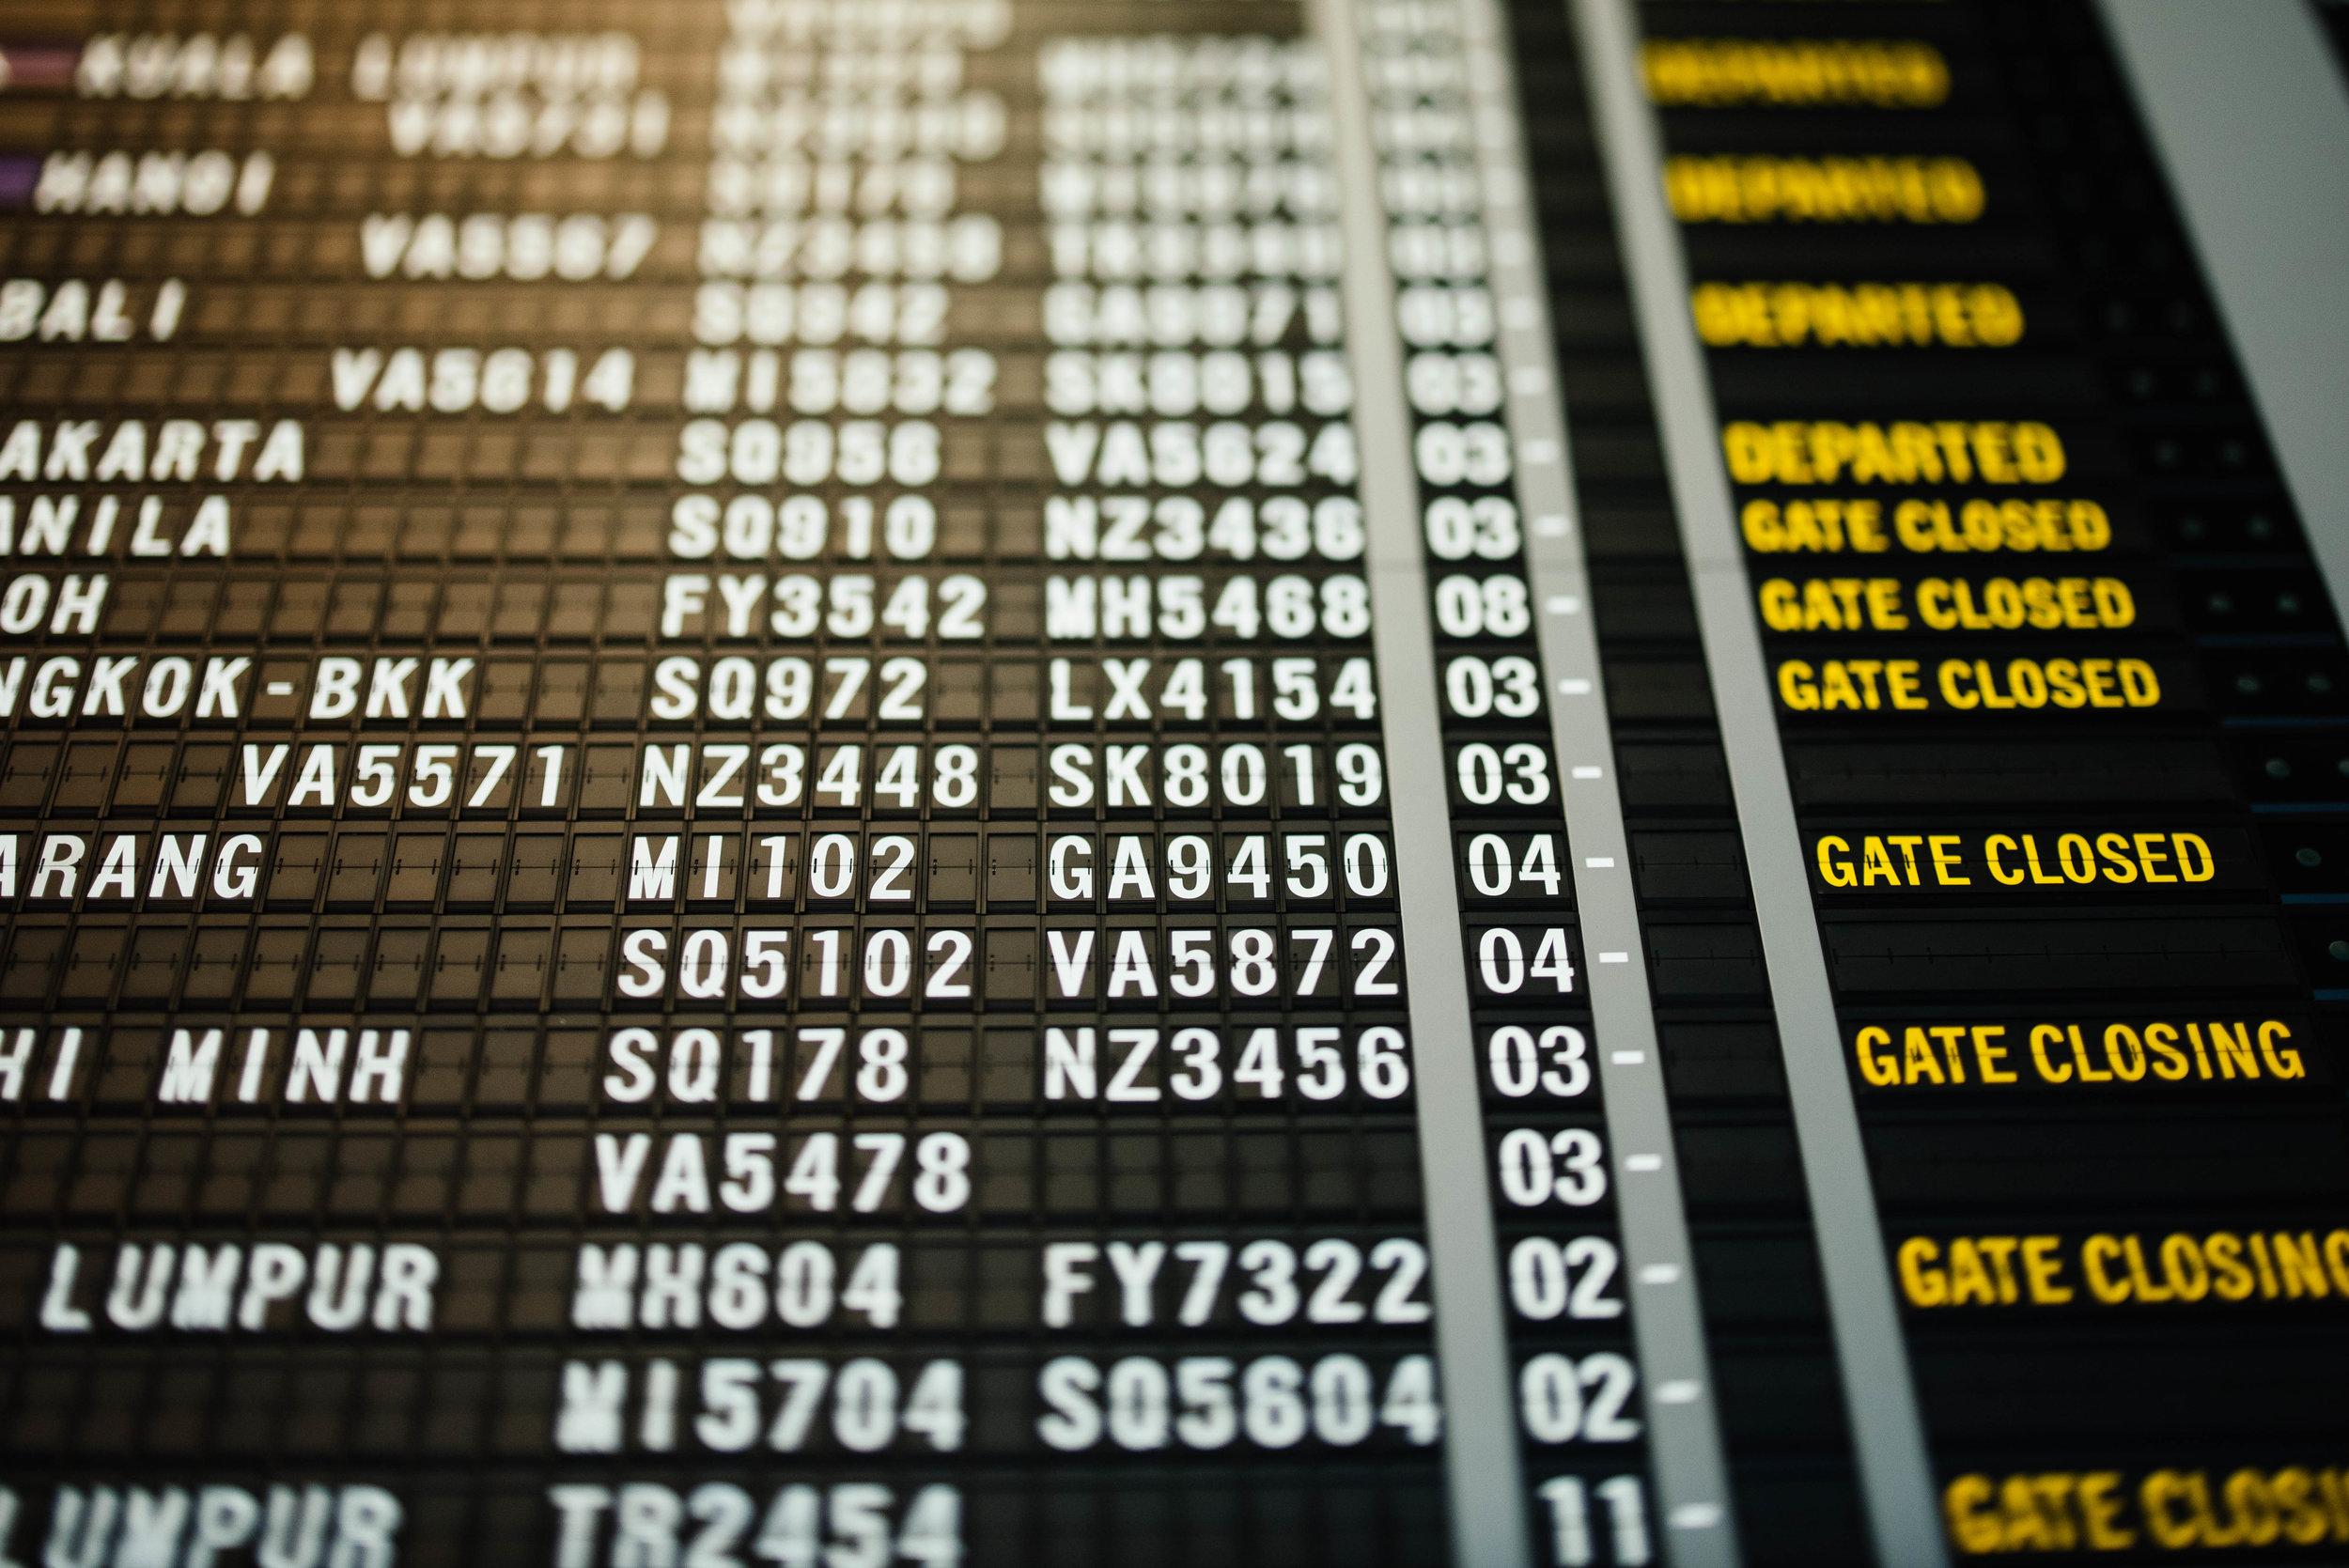 Vuelos Cancelados - Si tu vuelo es cancelado, pospuesto para otro día o extramadamente retrasado, tendrás derecho a que te monten en otro vuelo sin costo adicional o a recibir un reembolso total de tu vuelo.